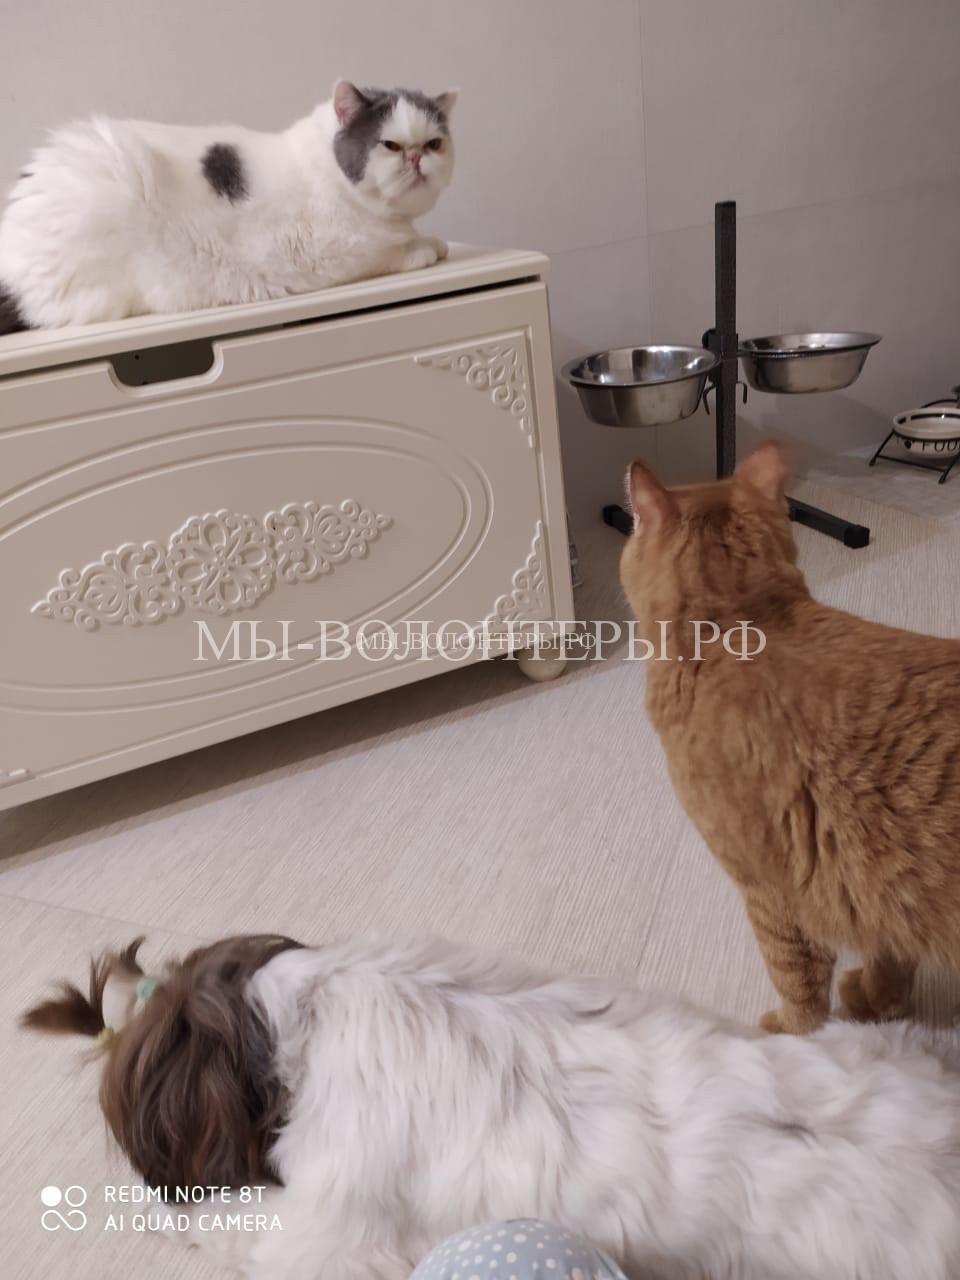 Вот, кстати, новые друзья Макса - это 3 кошки и девочка с косичкой Голди